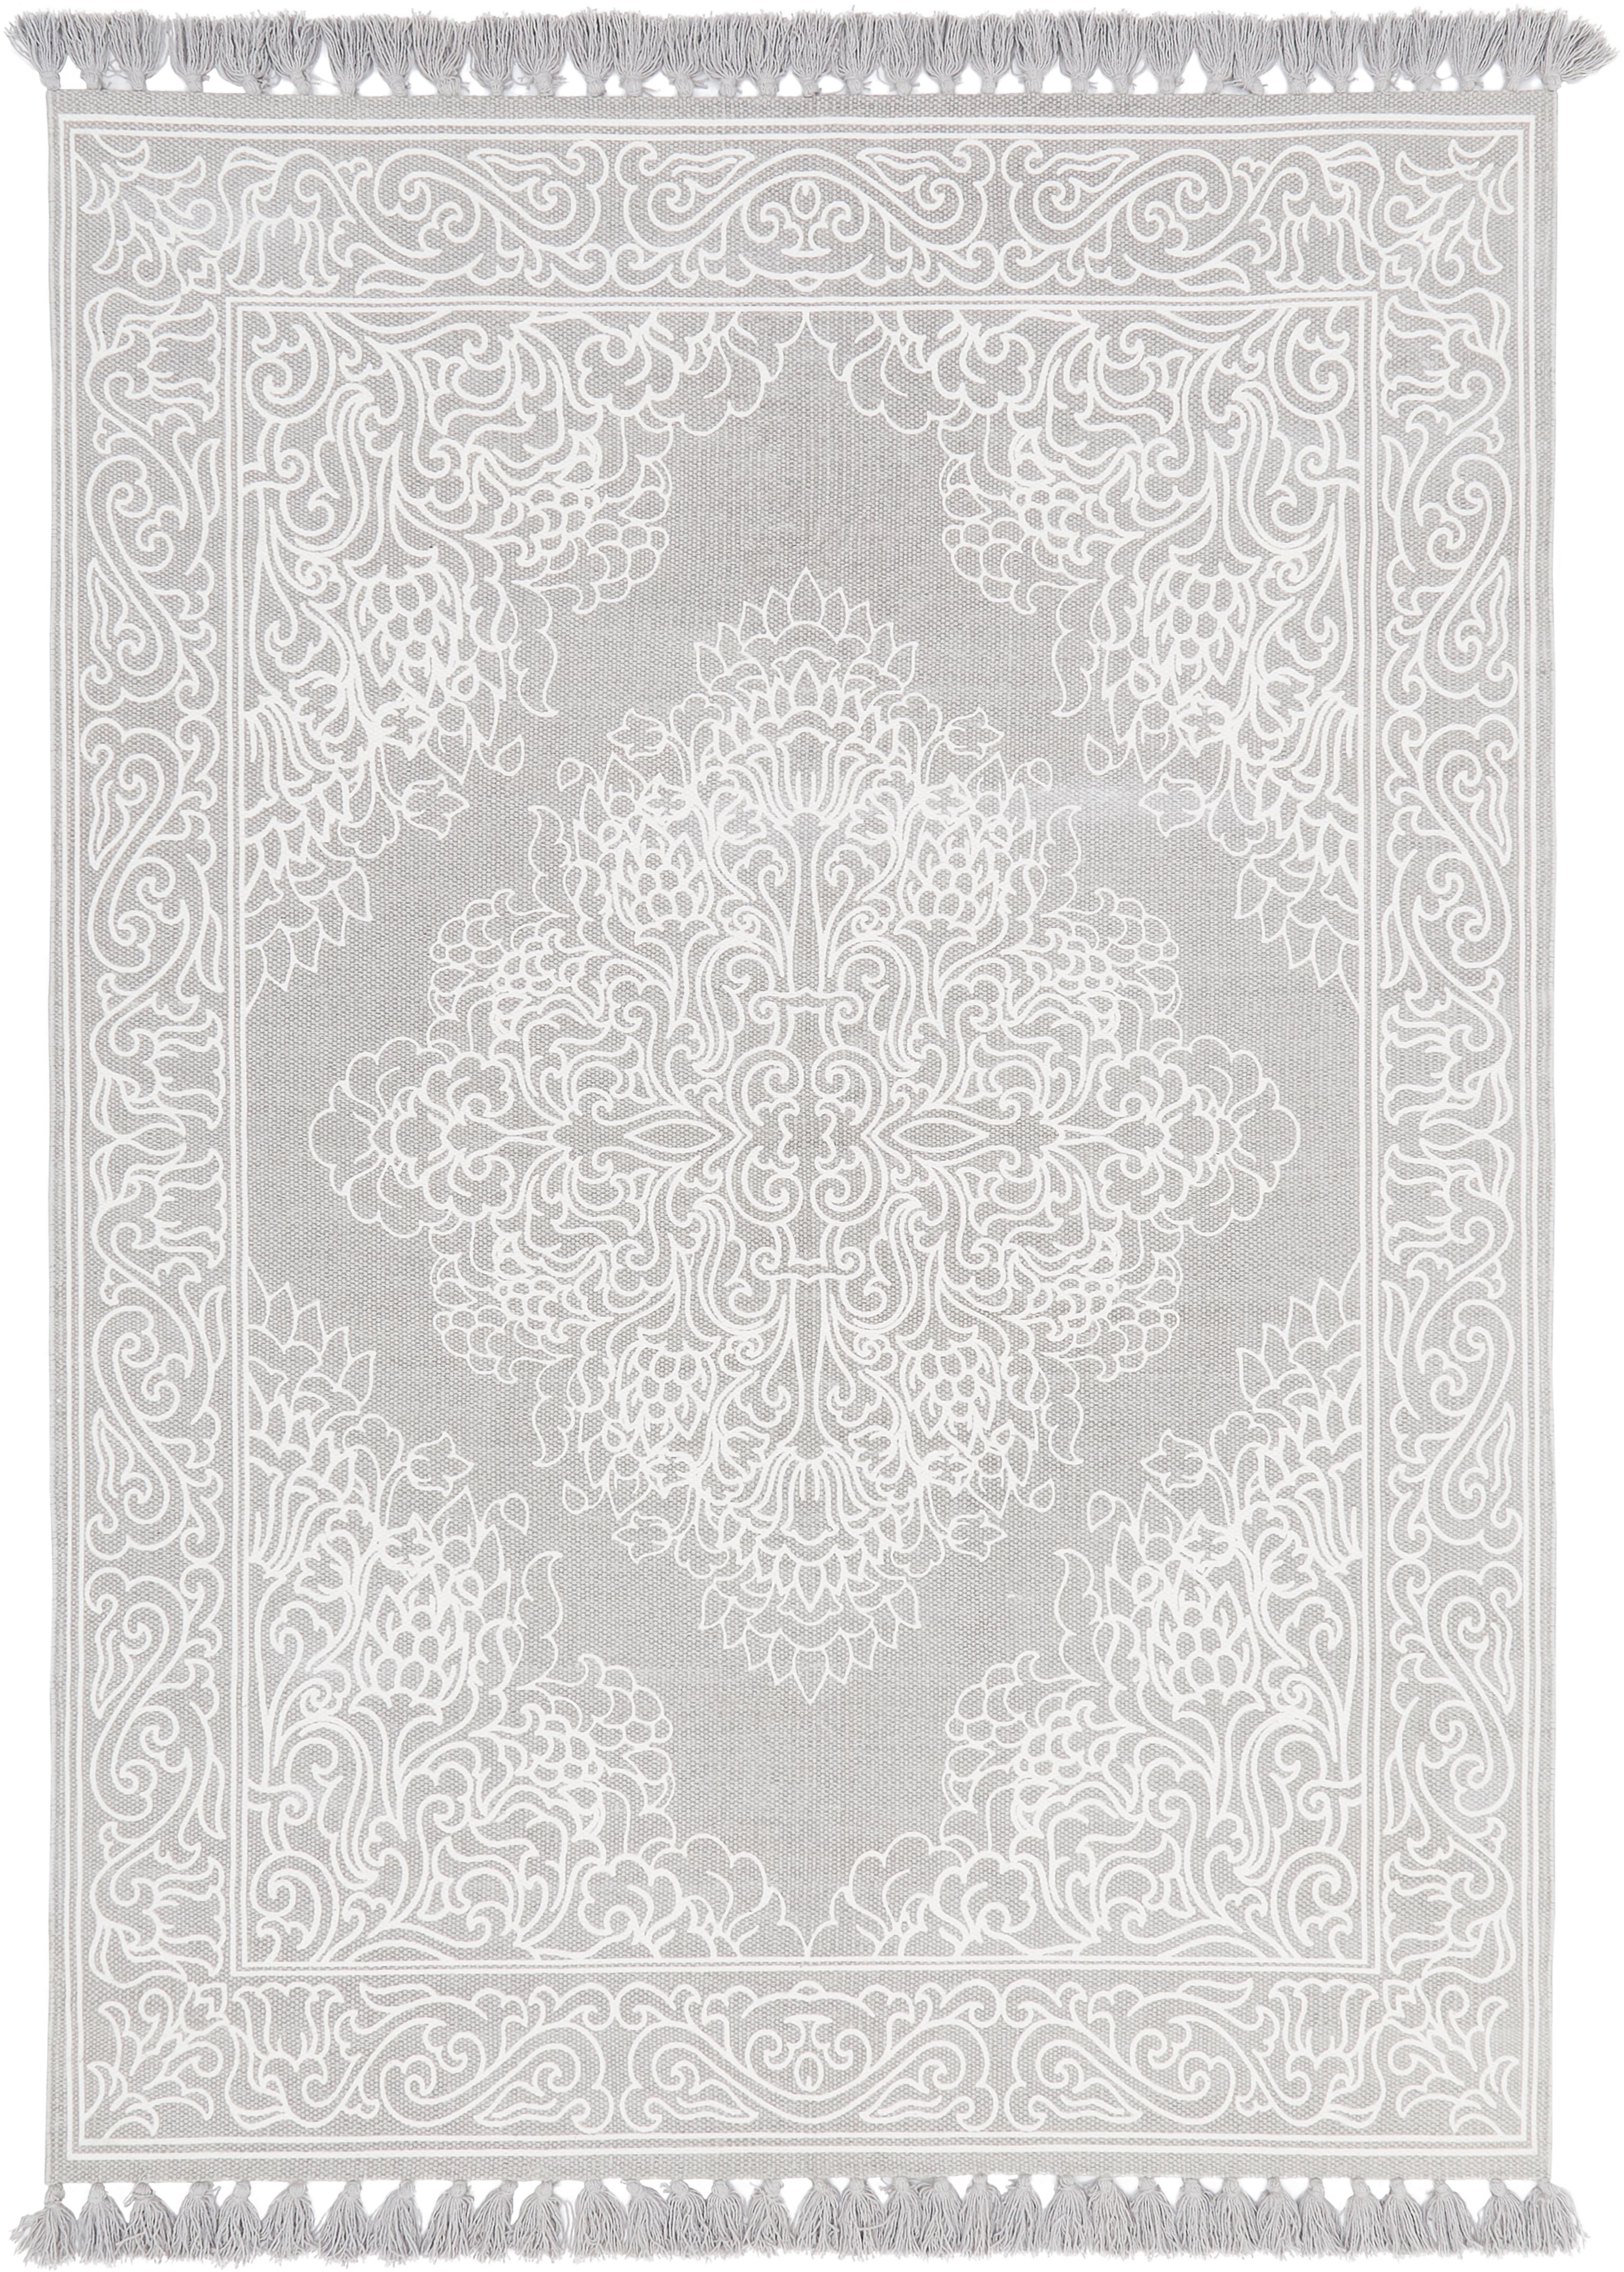 Tappeto in cotone tessuto a mano Salima, 100% cotone, Grigio chiaro, bianco crema, Larg. 200 x Lung. 300 cm (taglia L)